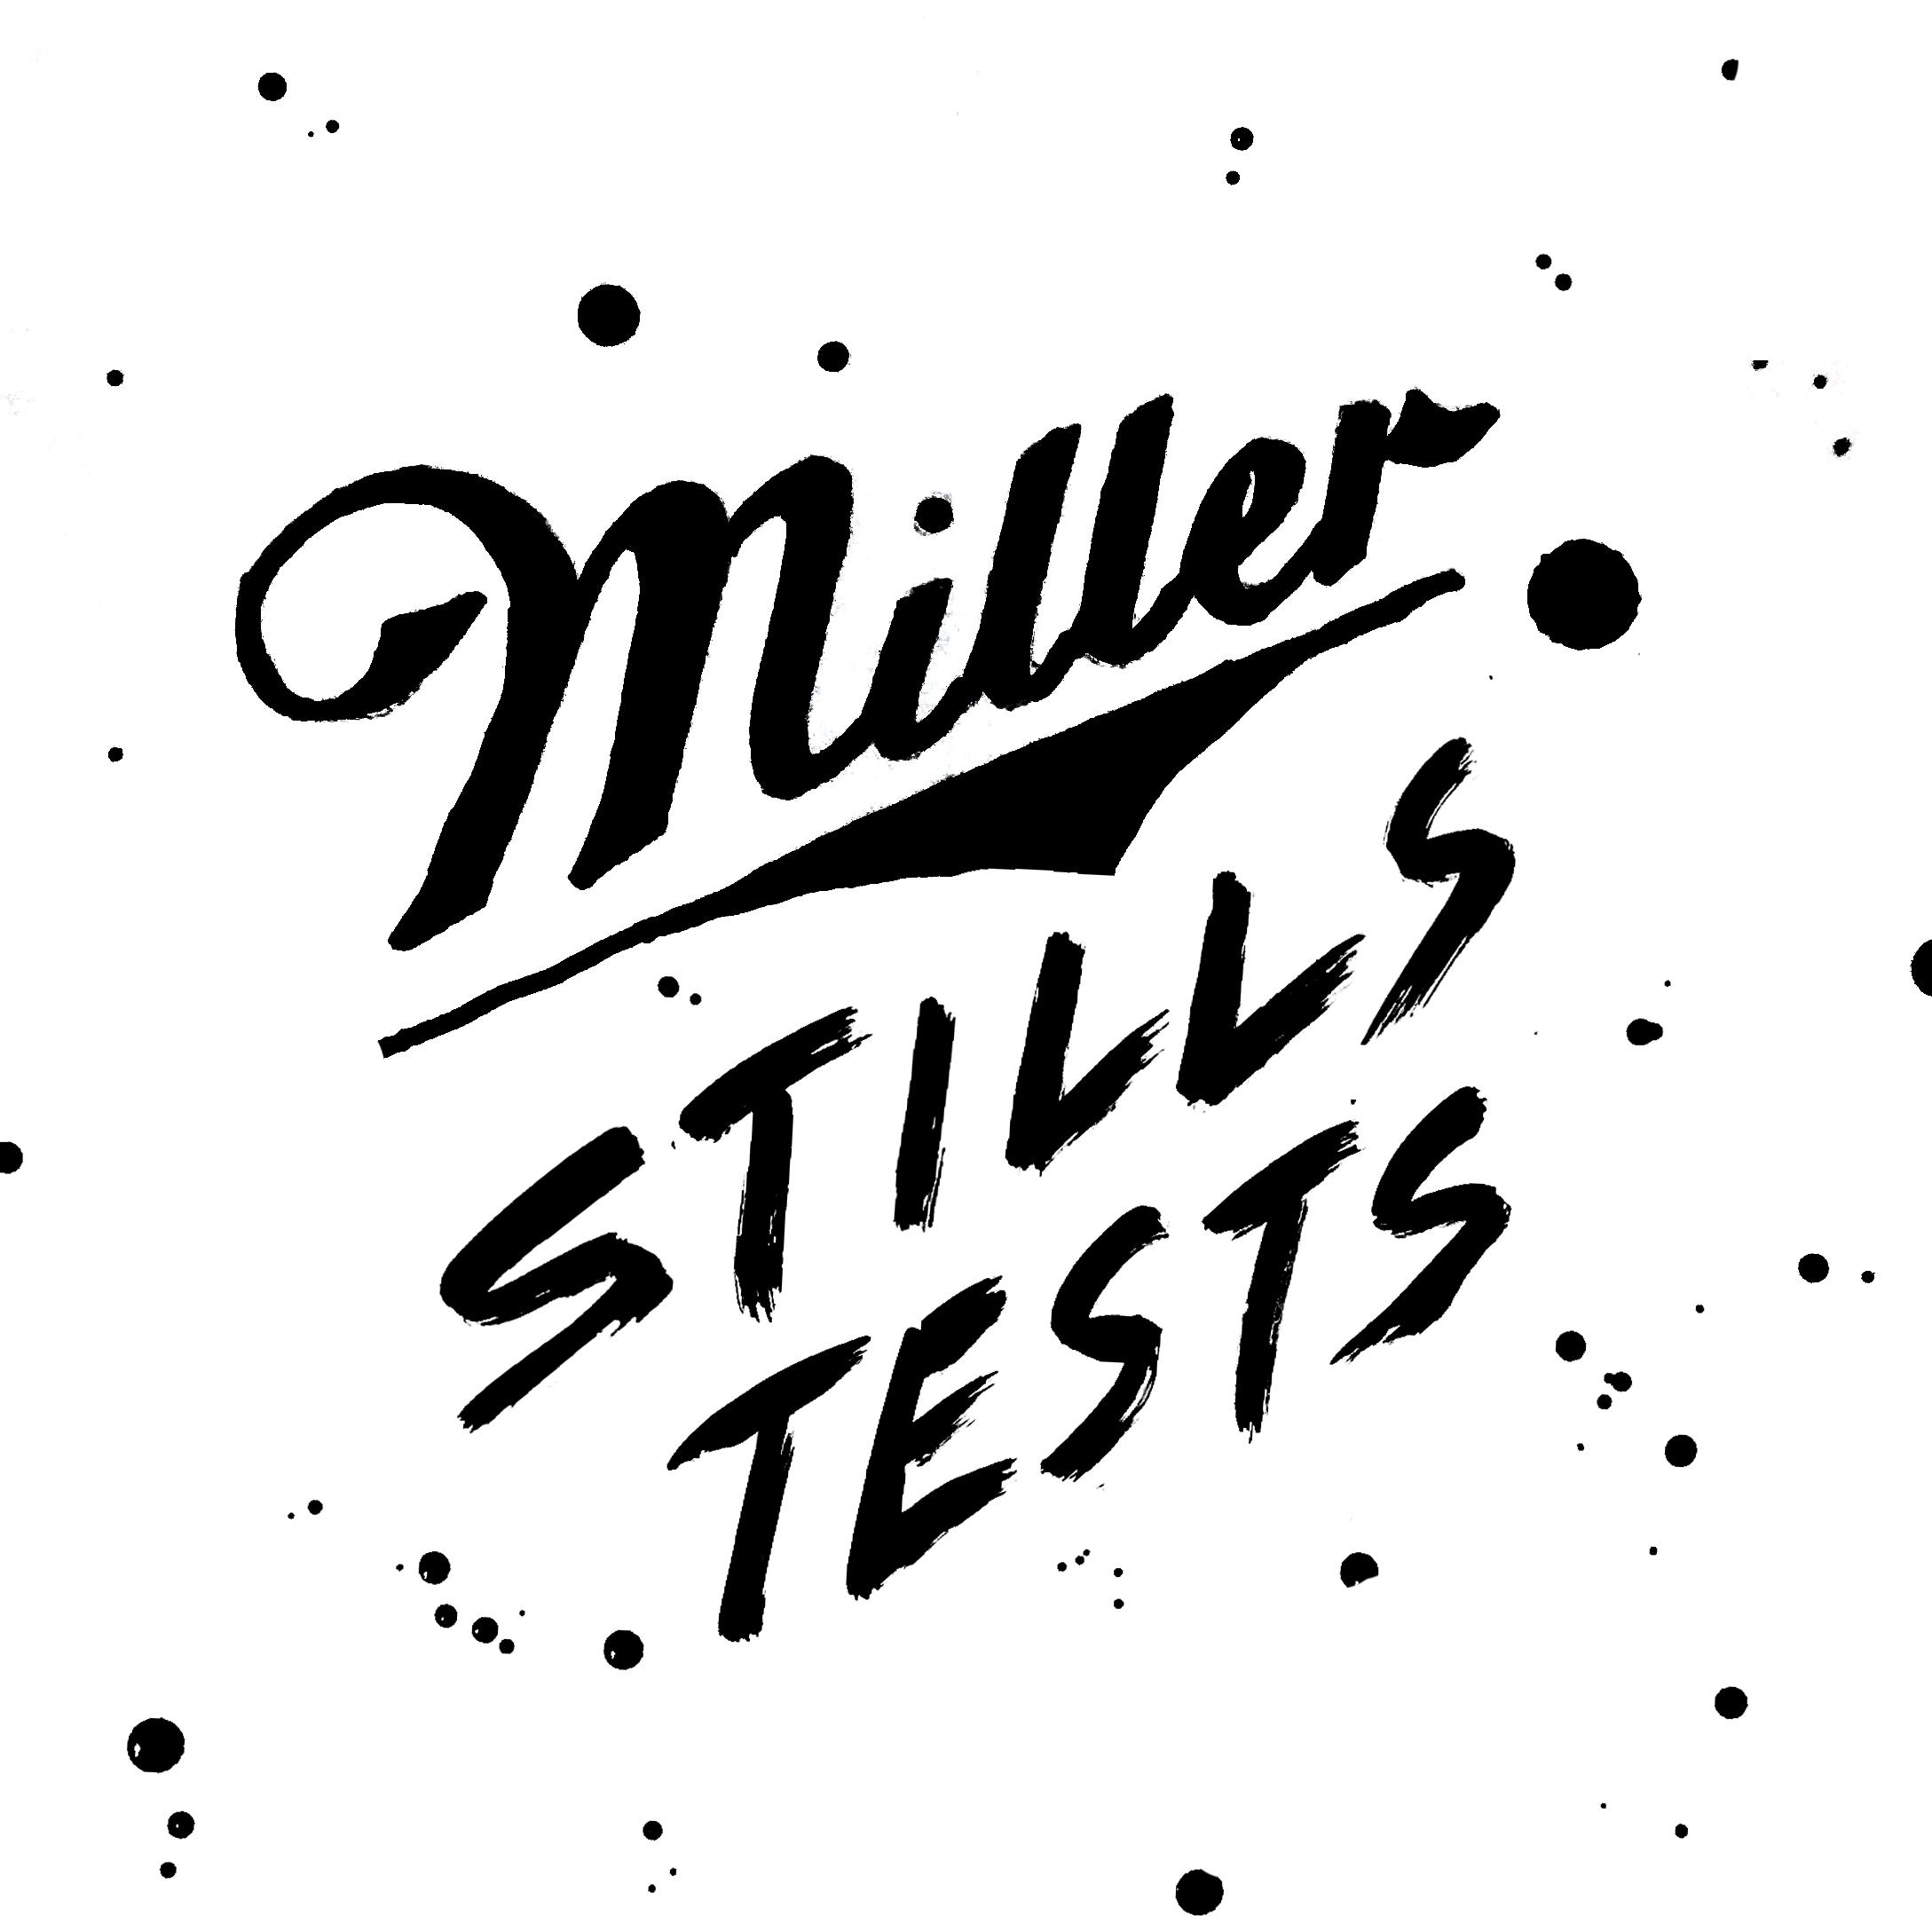 Stills_Tests.jpg